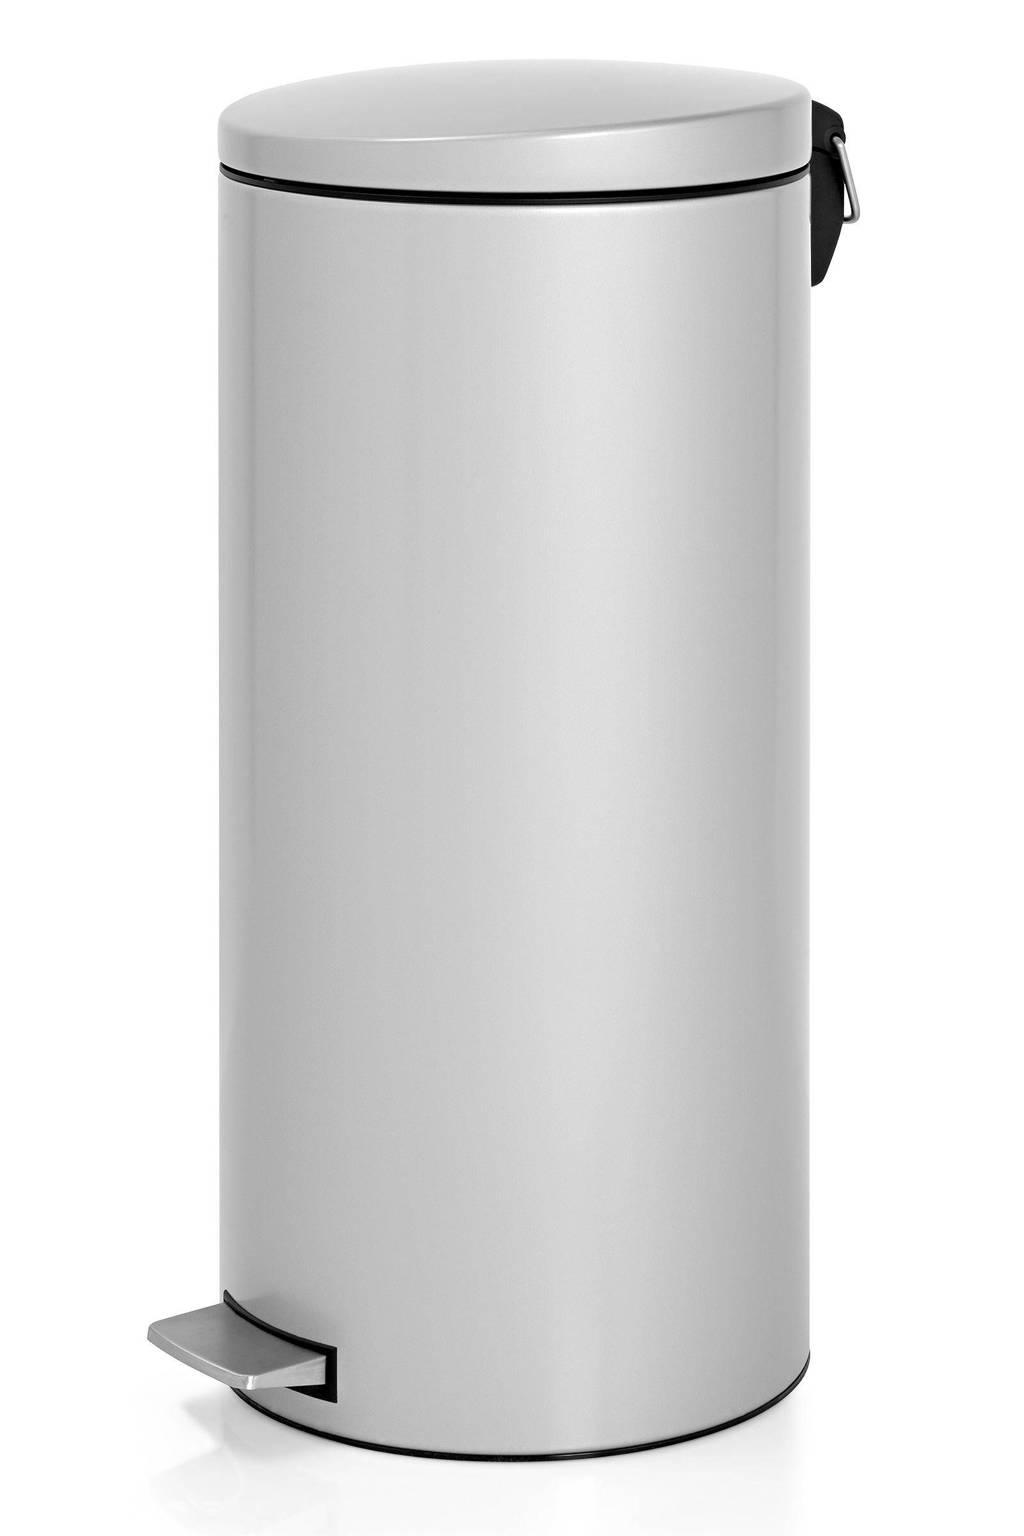 Brabantia Motioncontrol Pedaalemmer 30 L.Brabantia Pedaalemmer 30 Liter Wehkamp